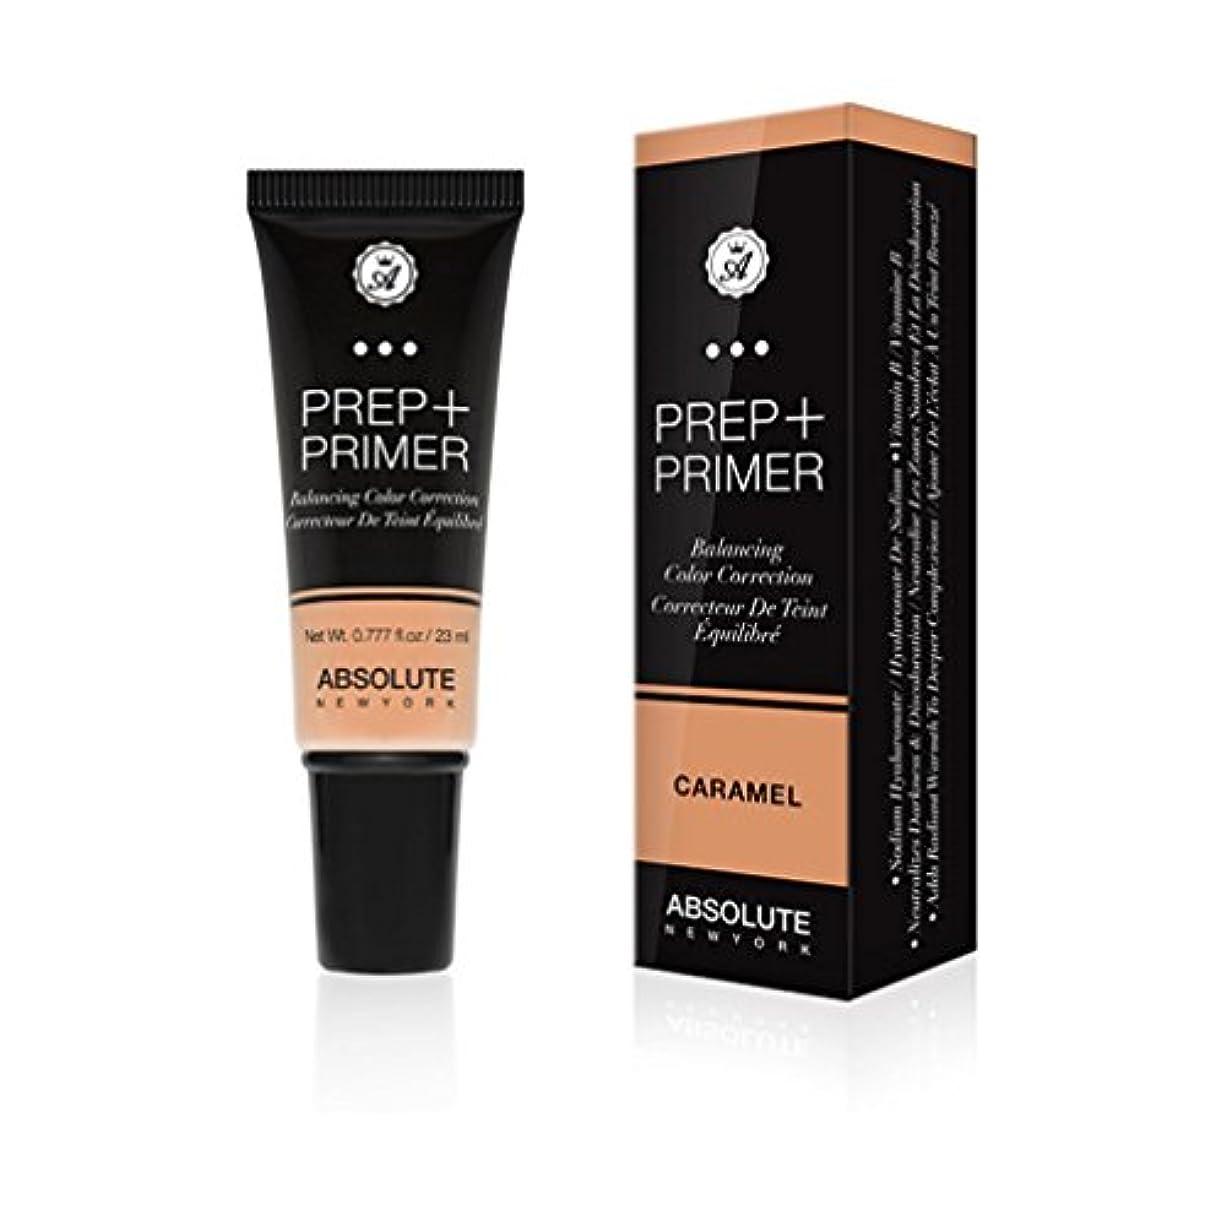 地殻契約したセージ(6 Pack) ABSOLUTE Prep + Primer - Caramel (並行輸入品)